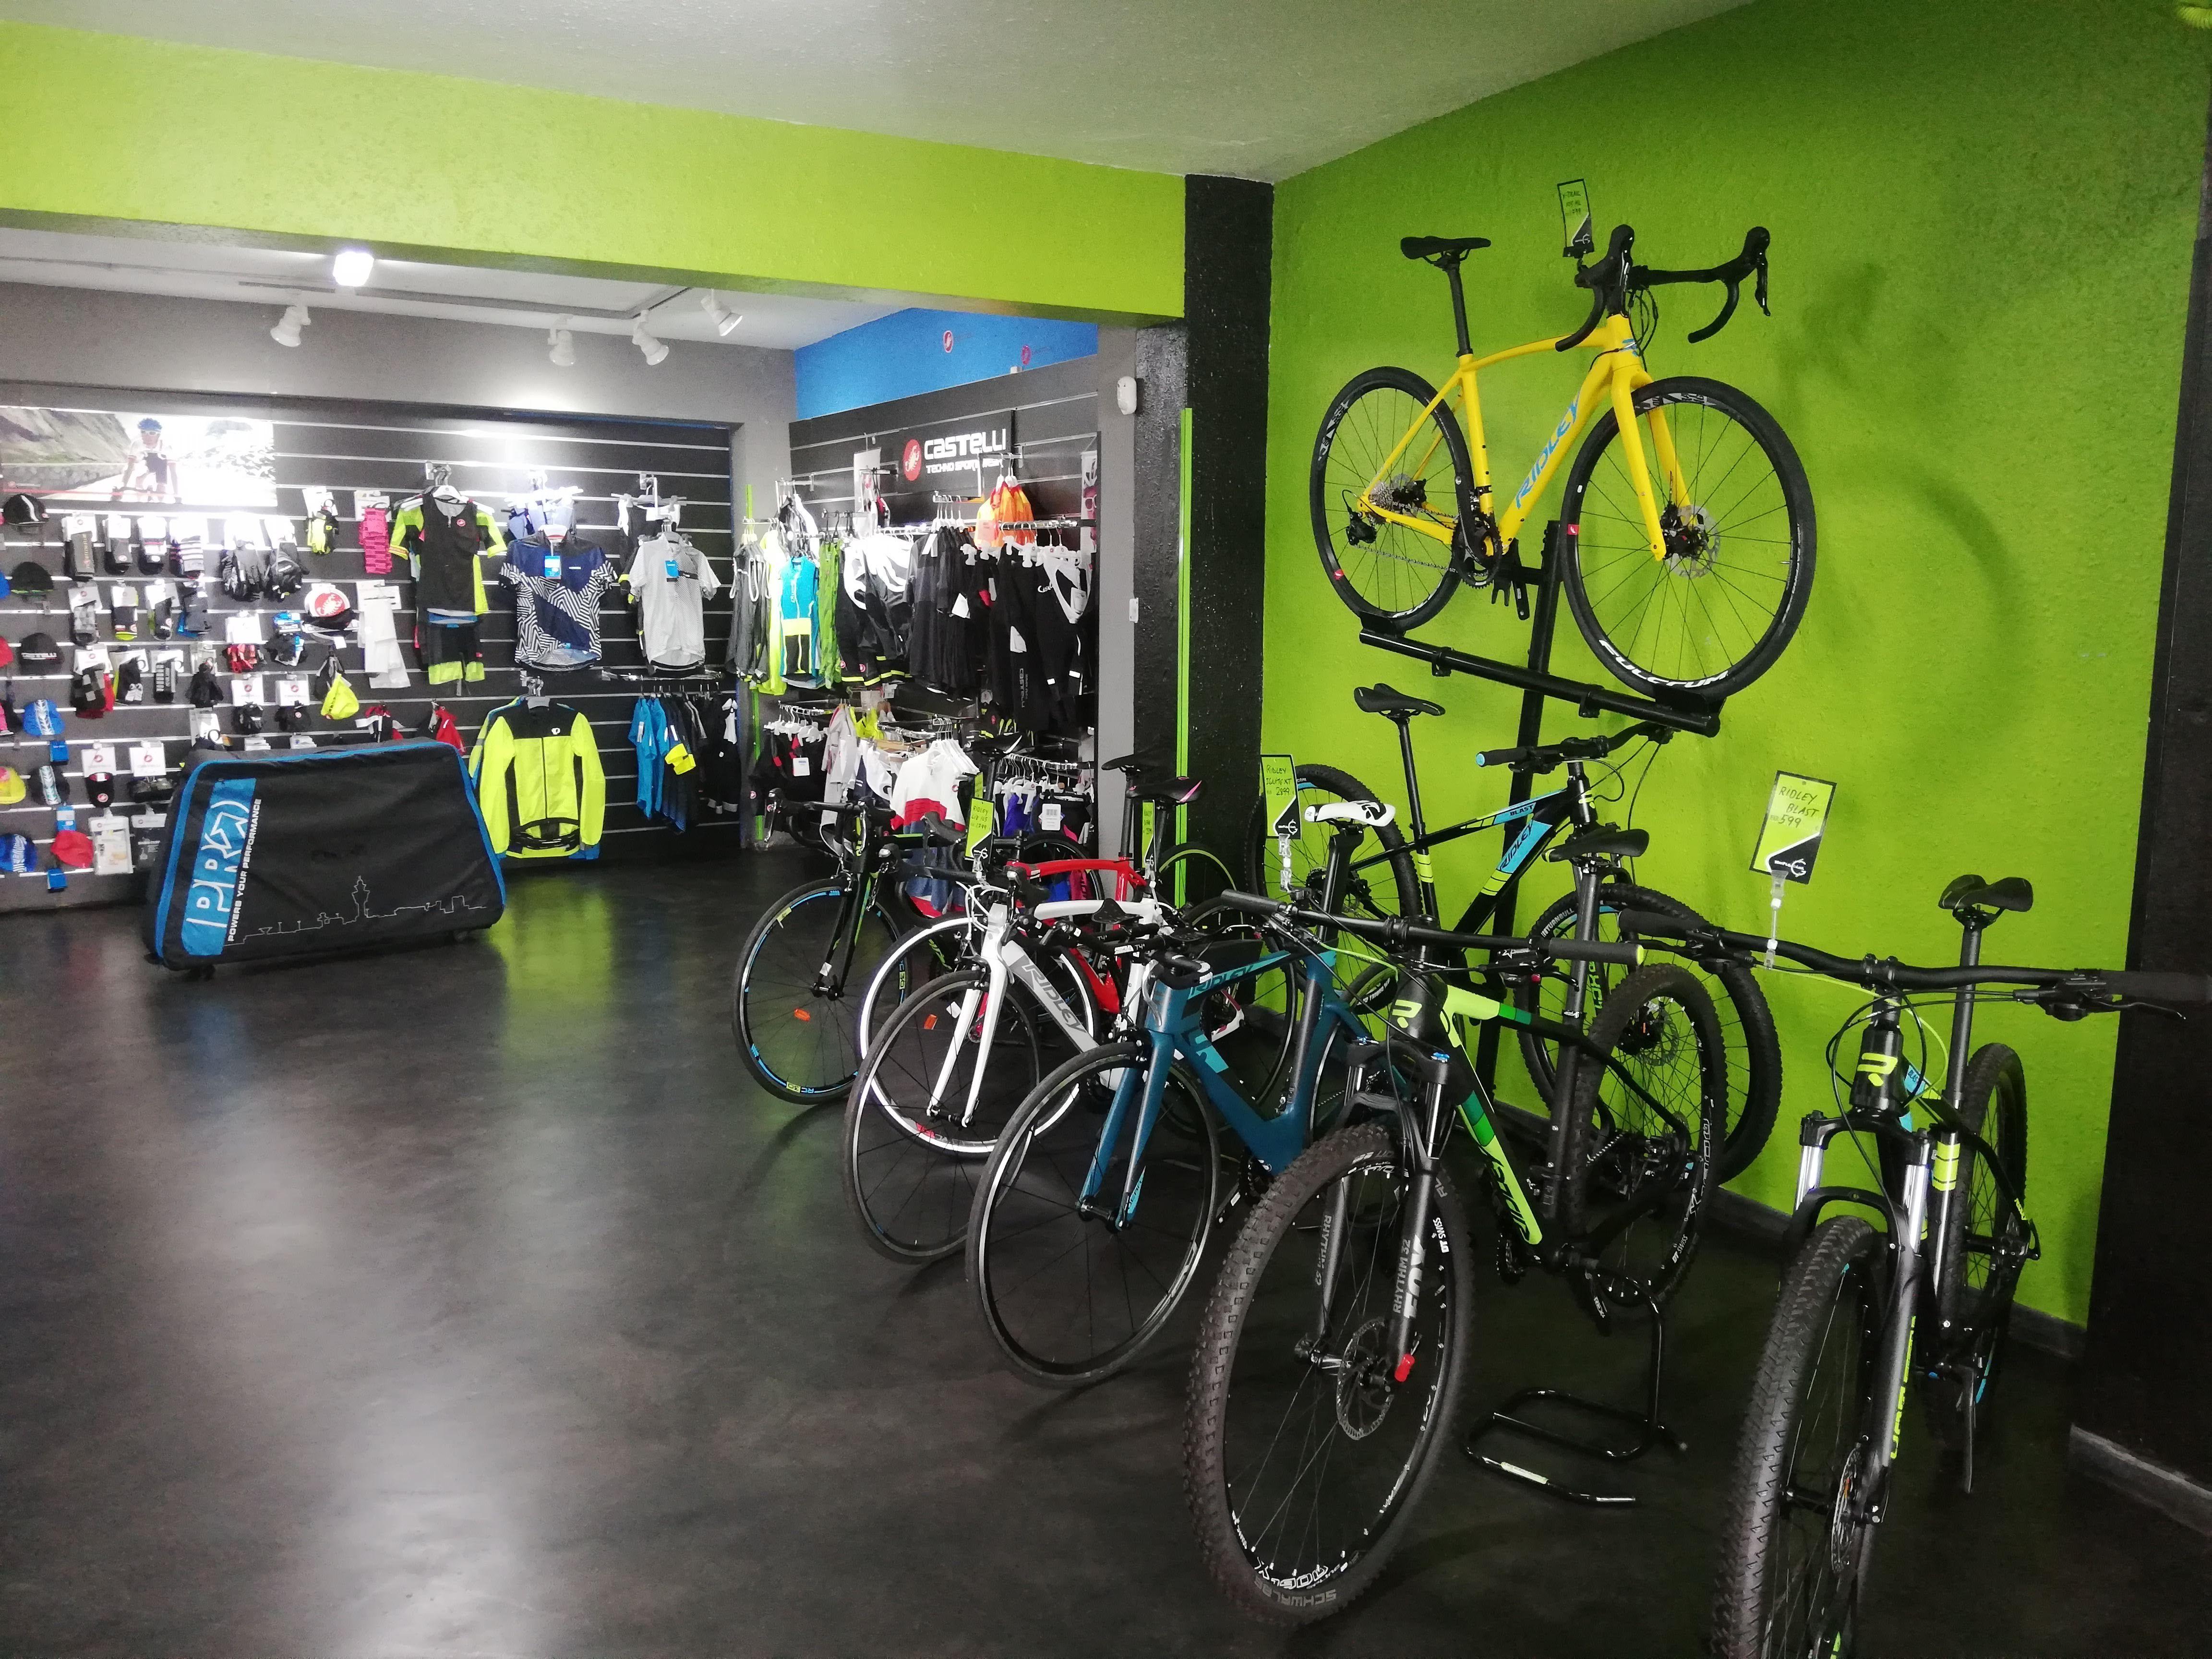 Taller de reparación de bicicletas Tenerife